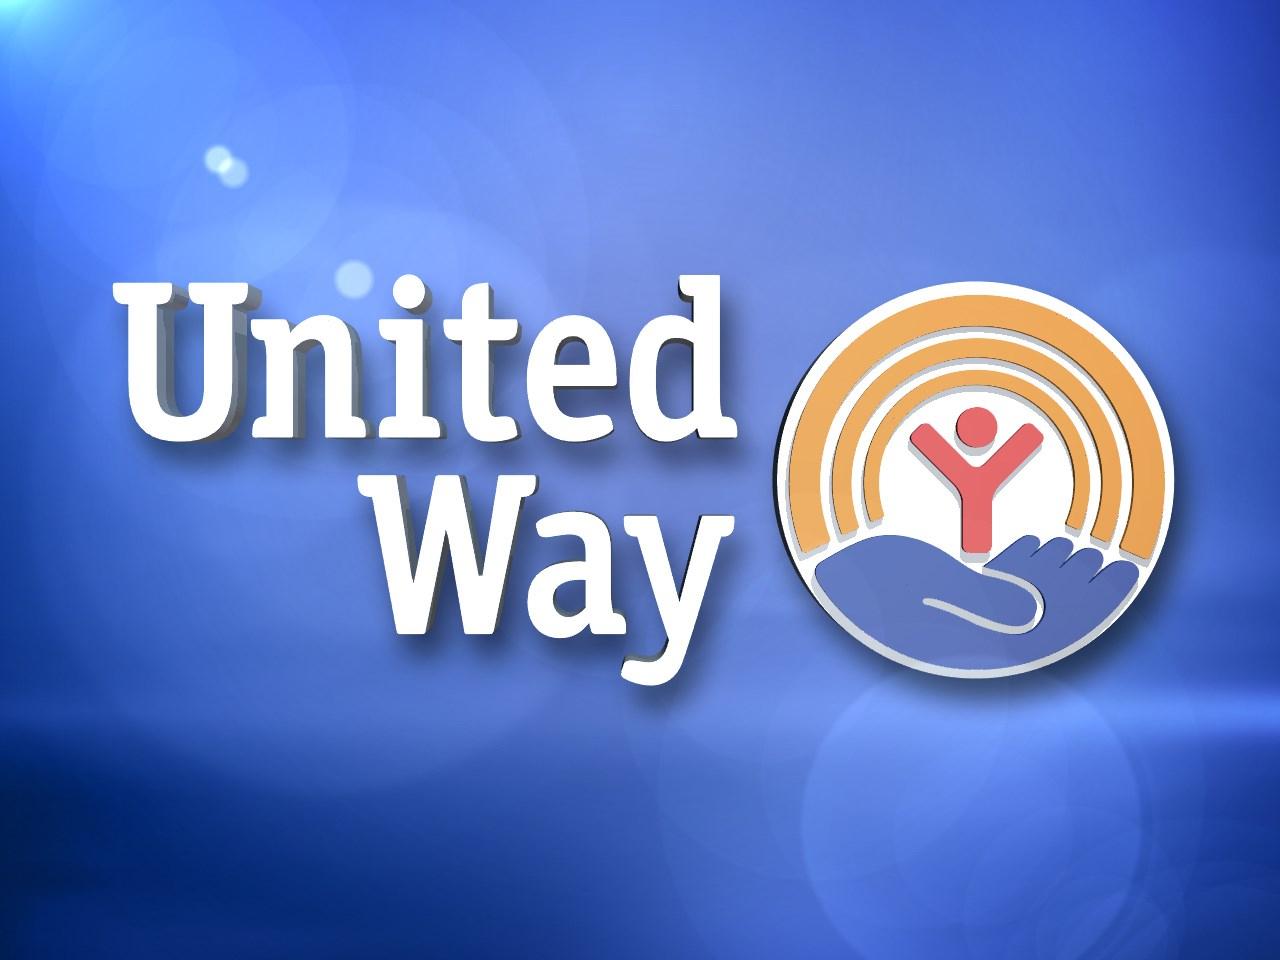 united way_1537385292054.jpg.jpg